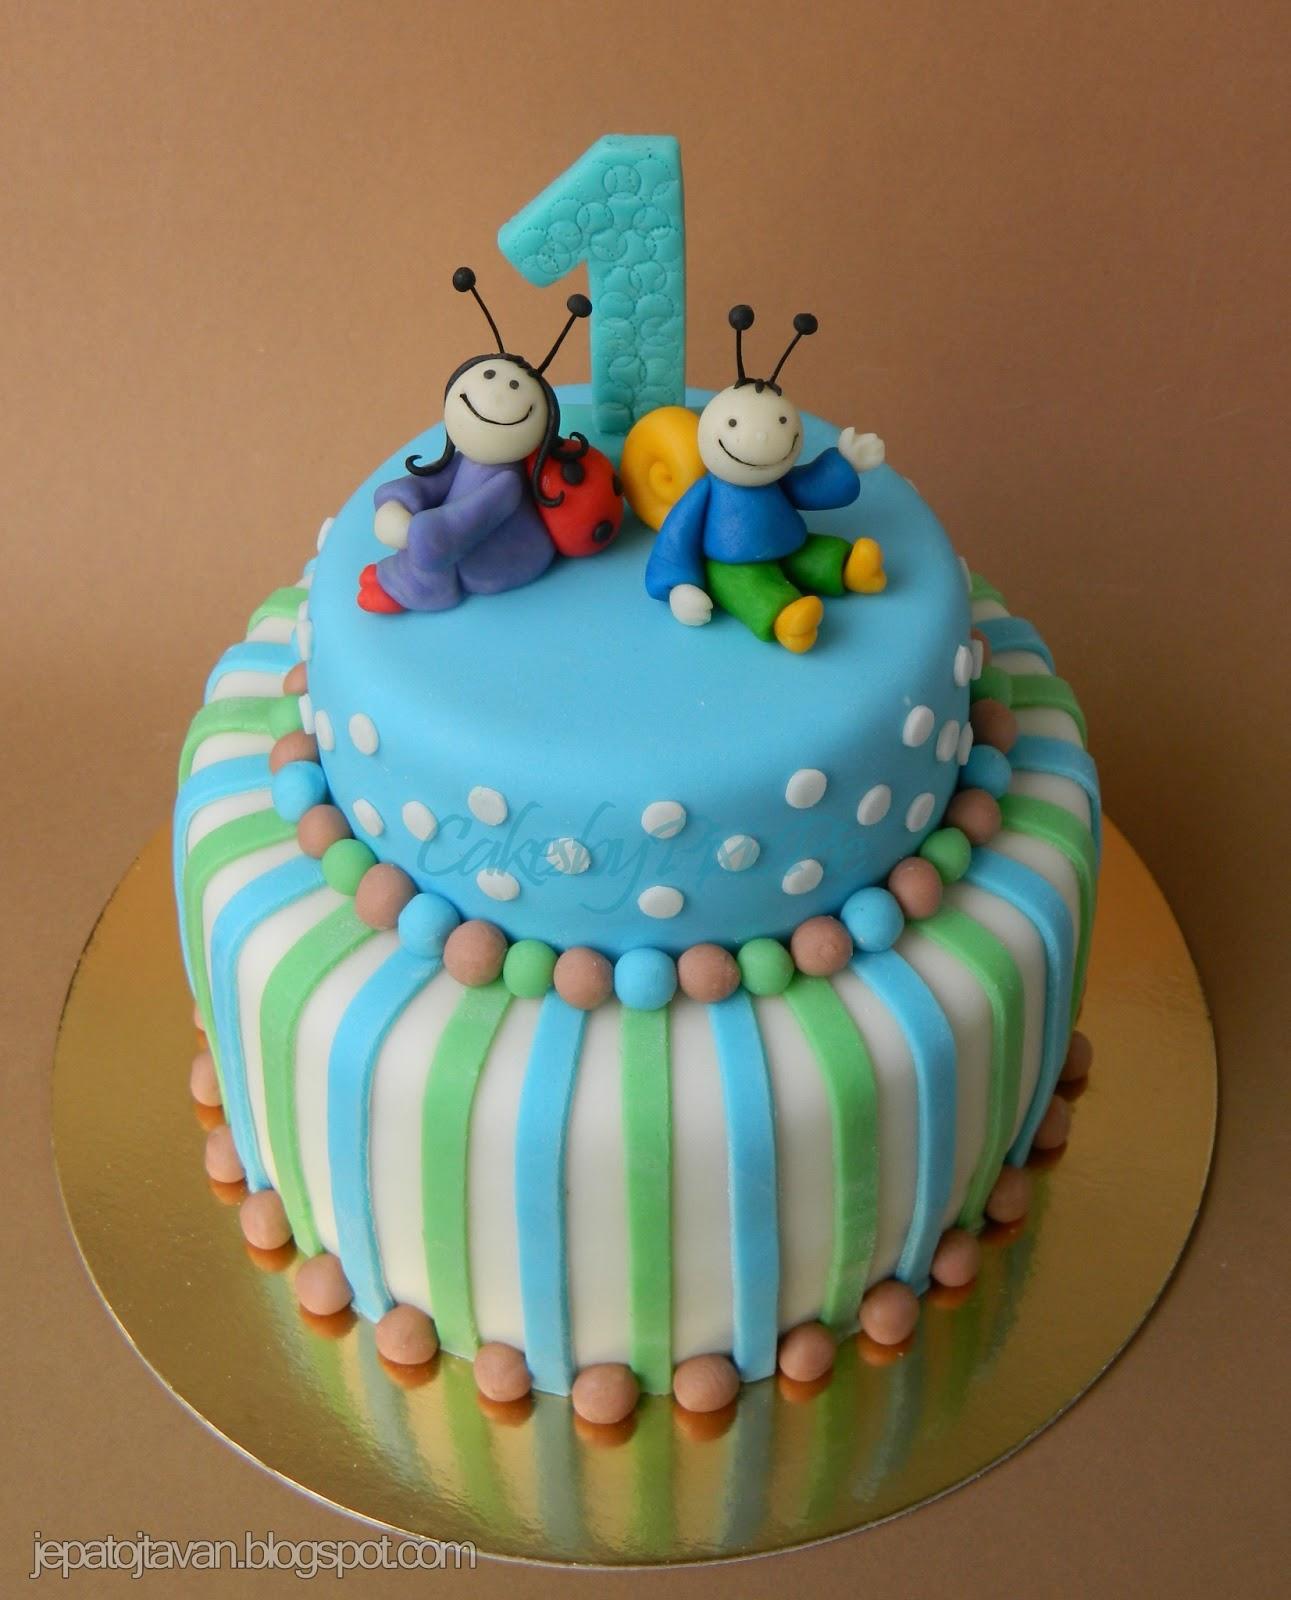 fiús szülinapi torták Jépatojta van!: Bogyó és Babóca torta fiús verzió fiús szülinapi torták